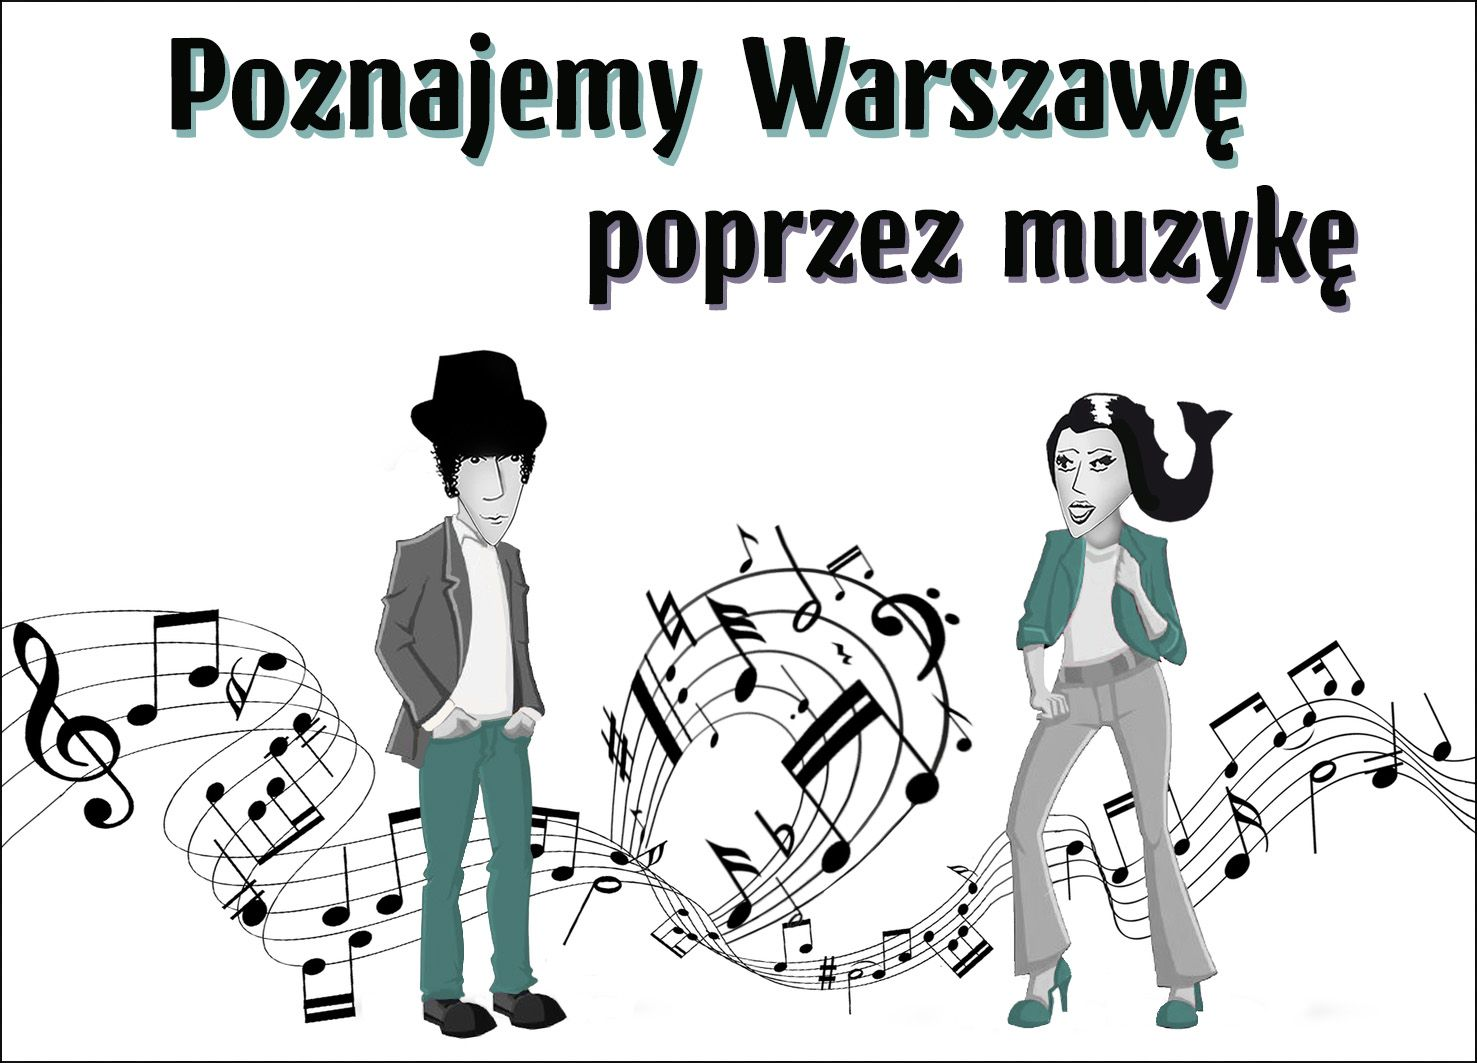 poznajemy warszawe poprzez muzyke